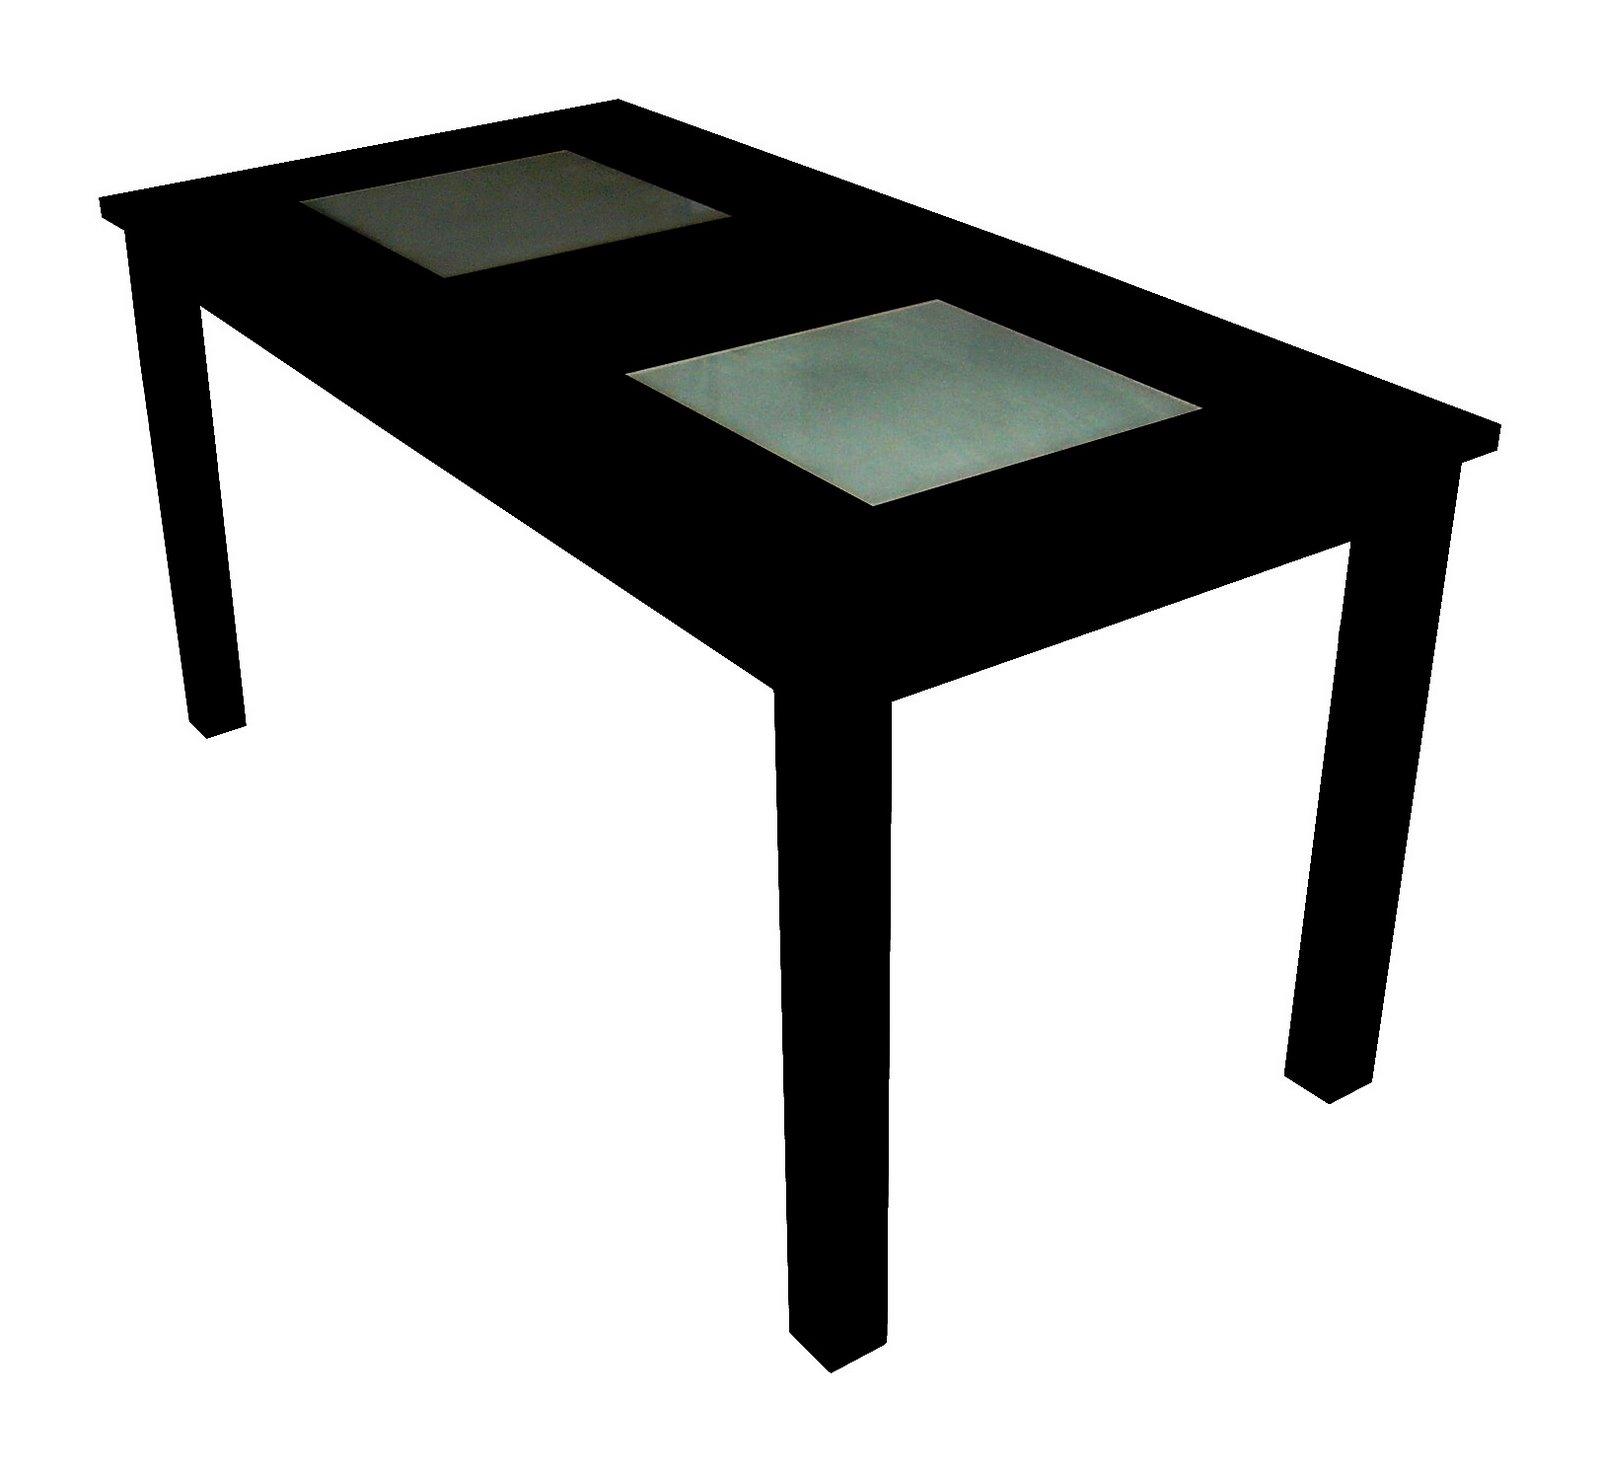 macizo galvanizado) Tapa de madera o de vidrio Tapa de melamina en